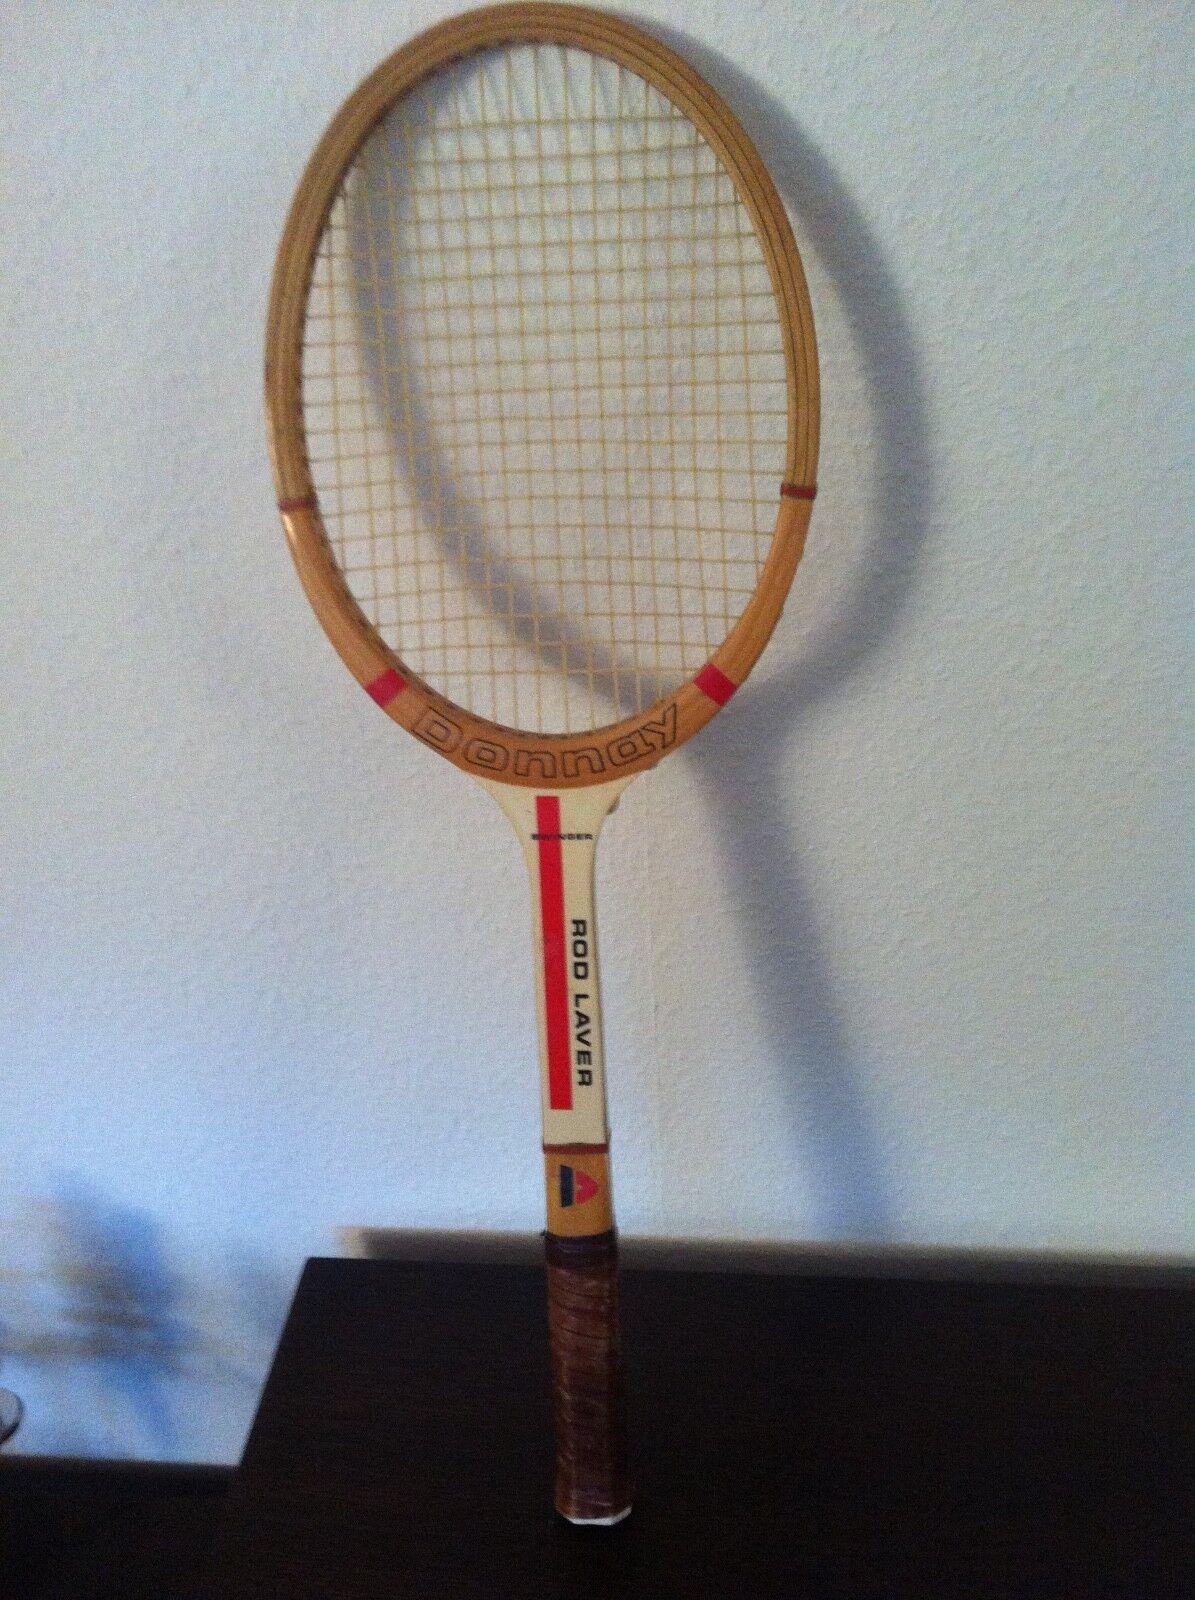 dameny Tennisschläger Racket Rod Laver